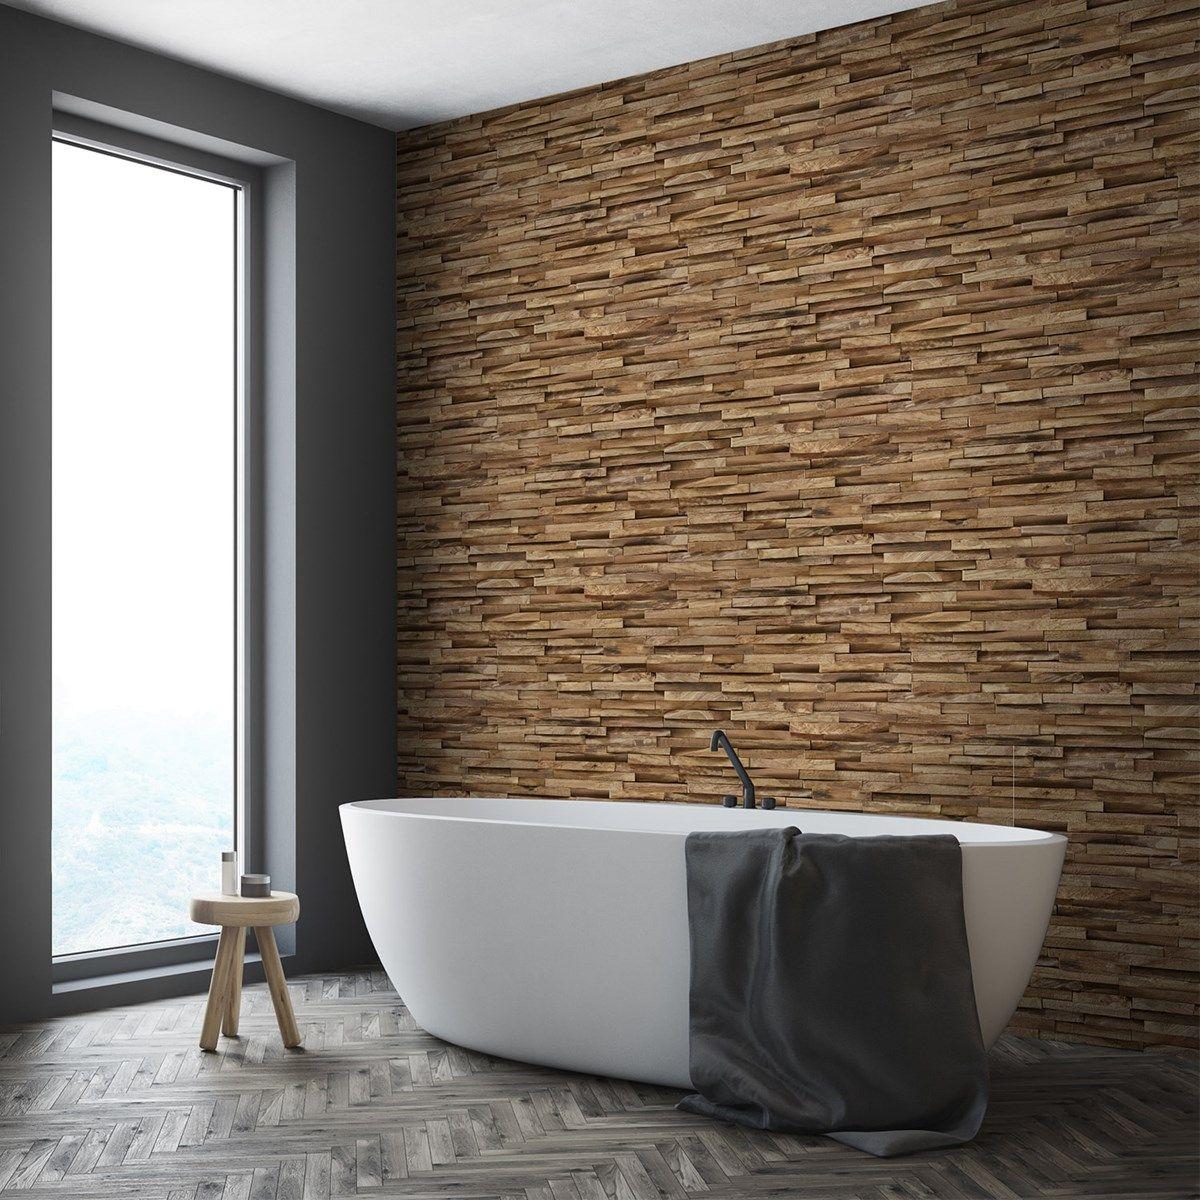 salle de bain bois esprit nature papier peint adhésif lamelle de bois parquet gris